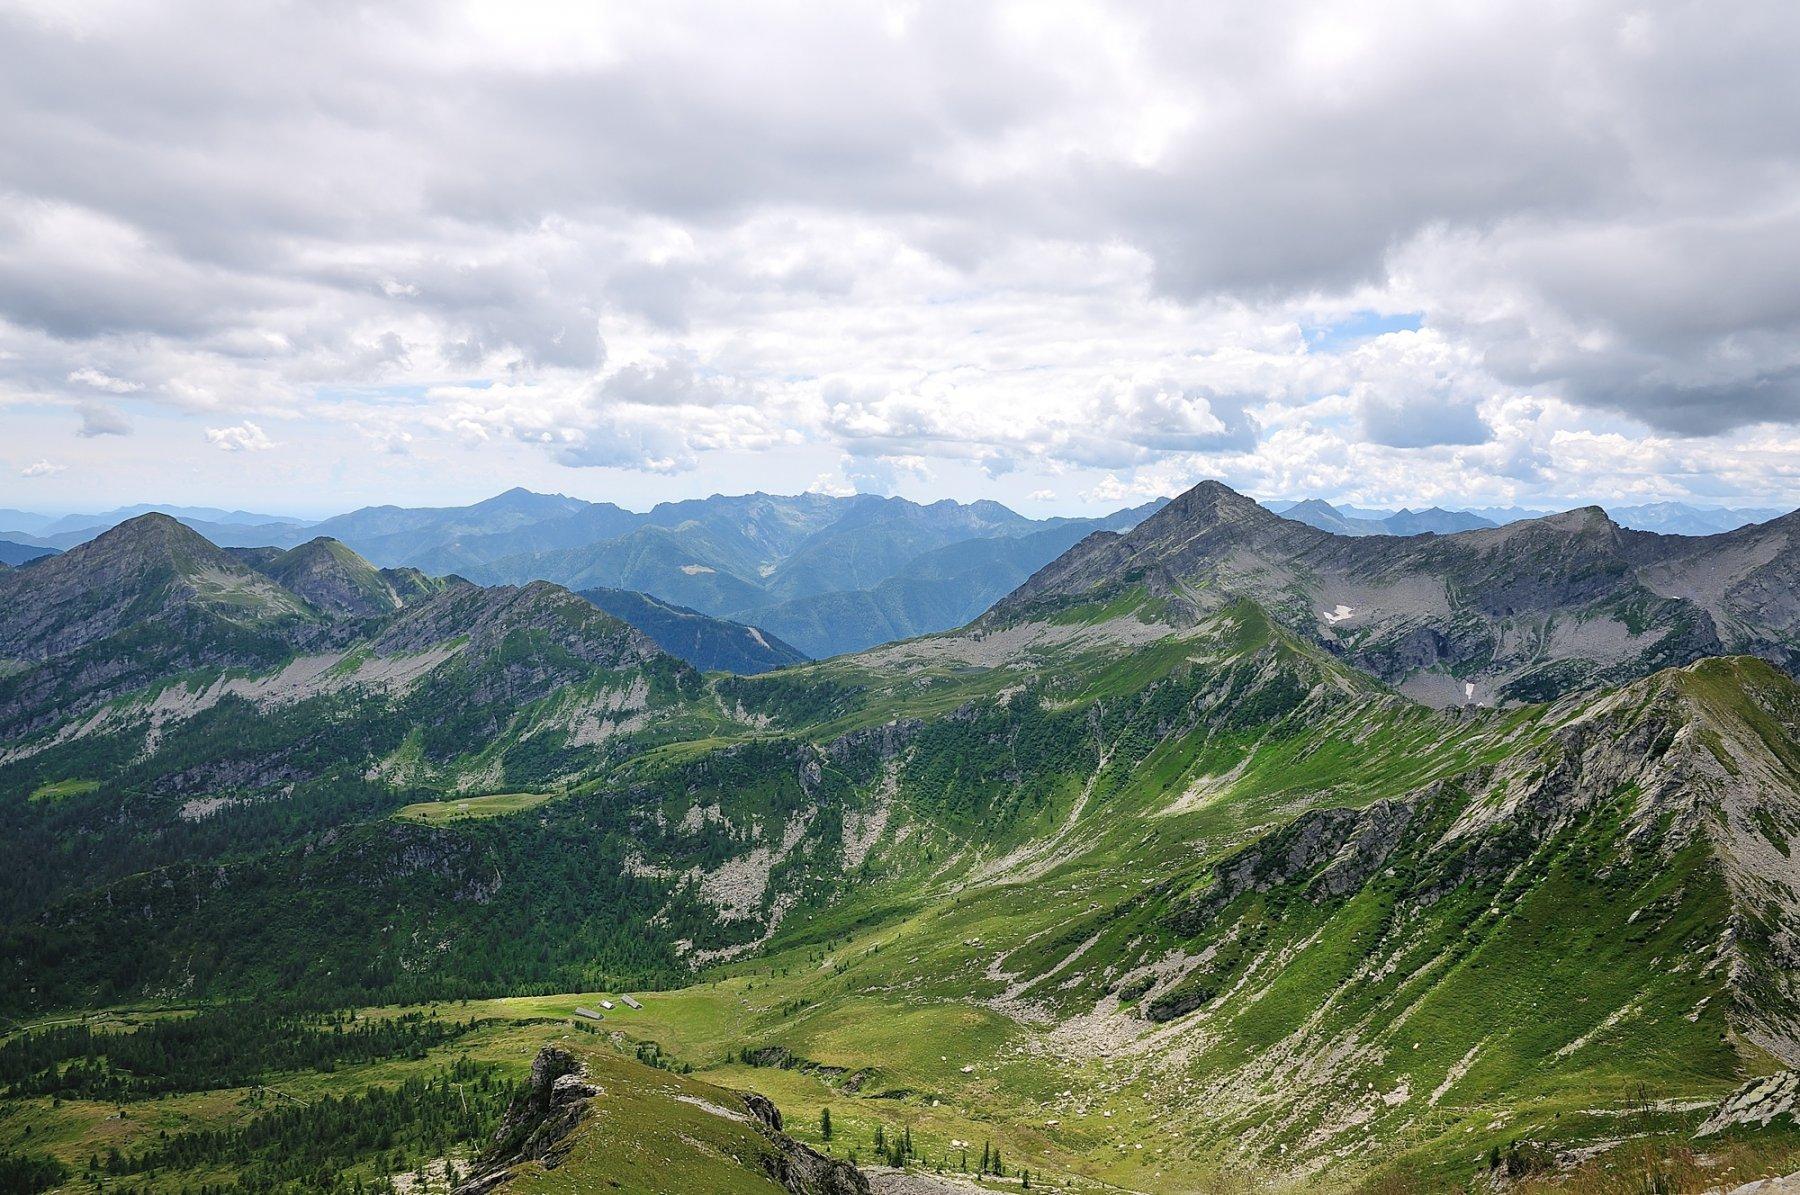 Vista di vetta versante Onsernone